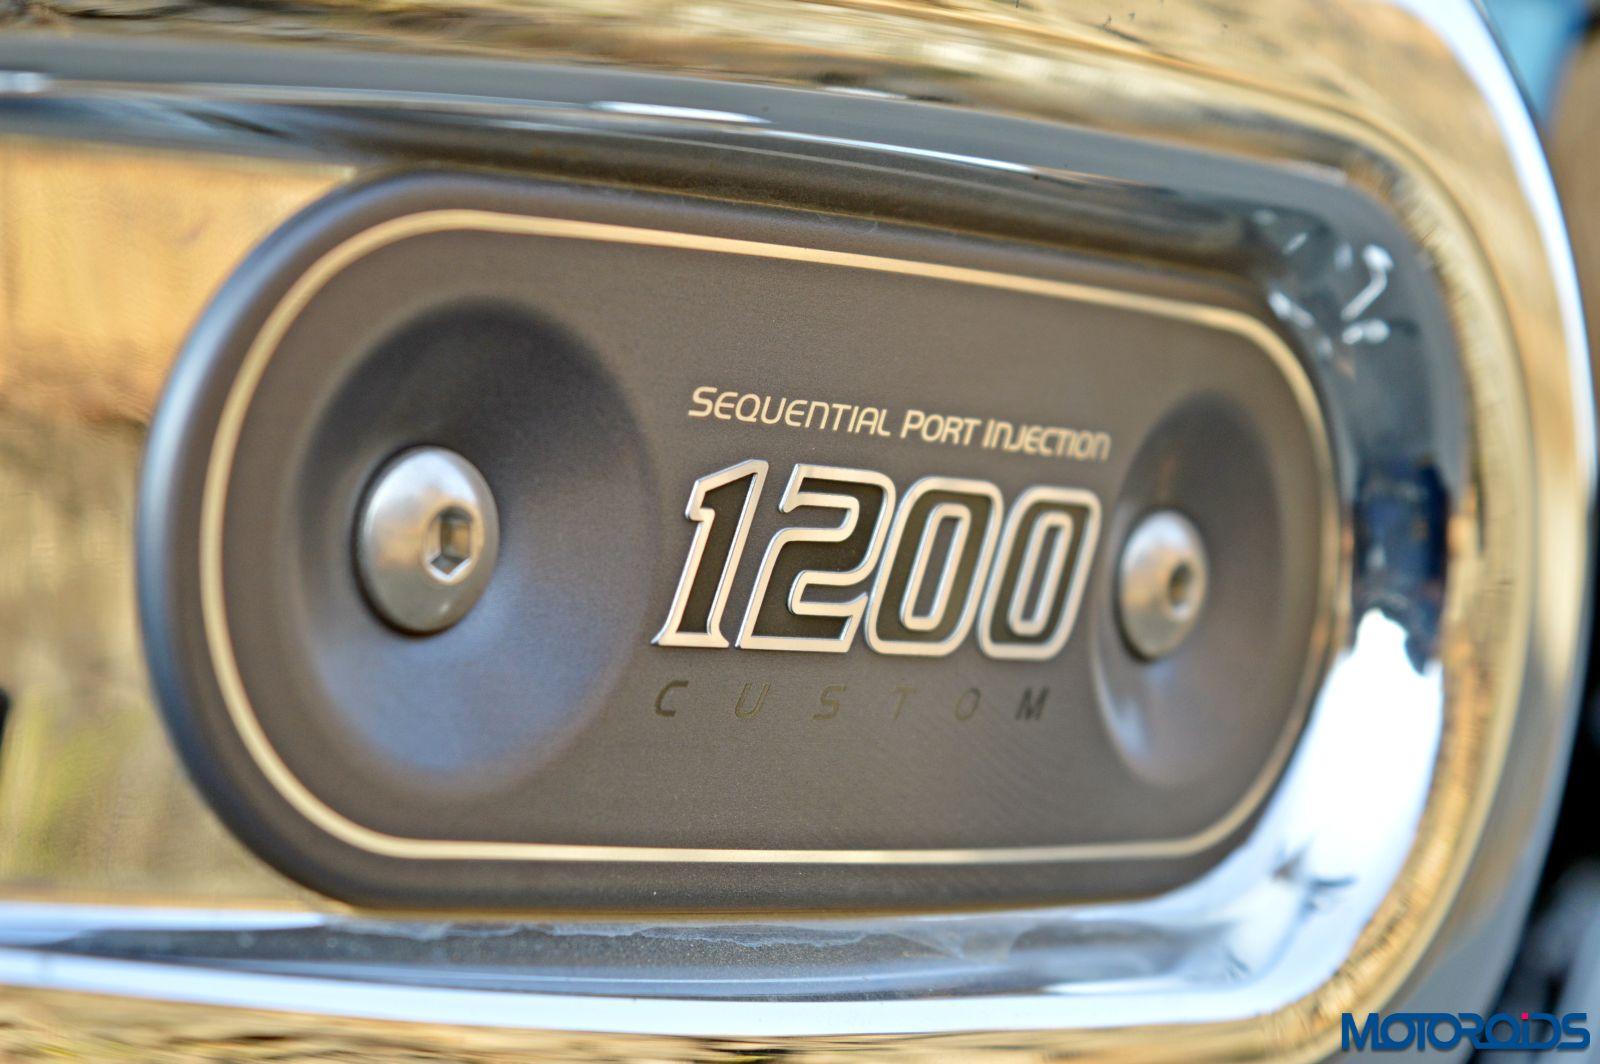 Harley-Davidson 1200 Custom Review - Details - Engine (1)